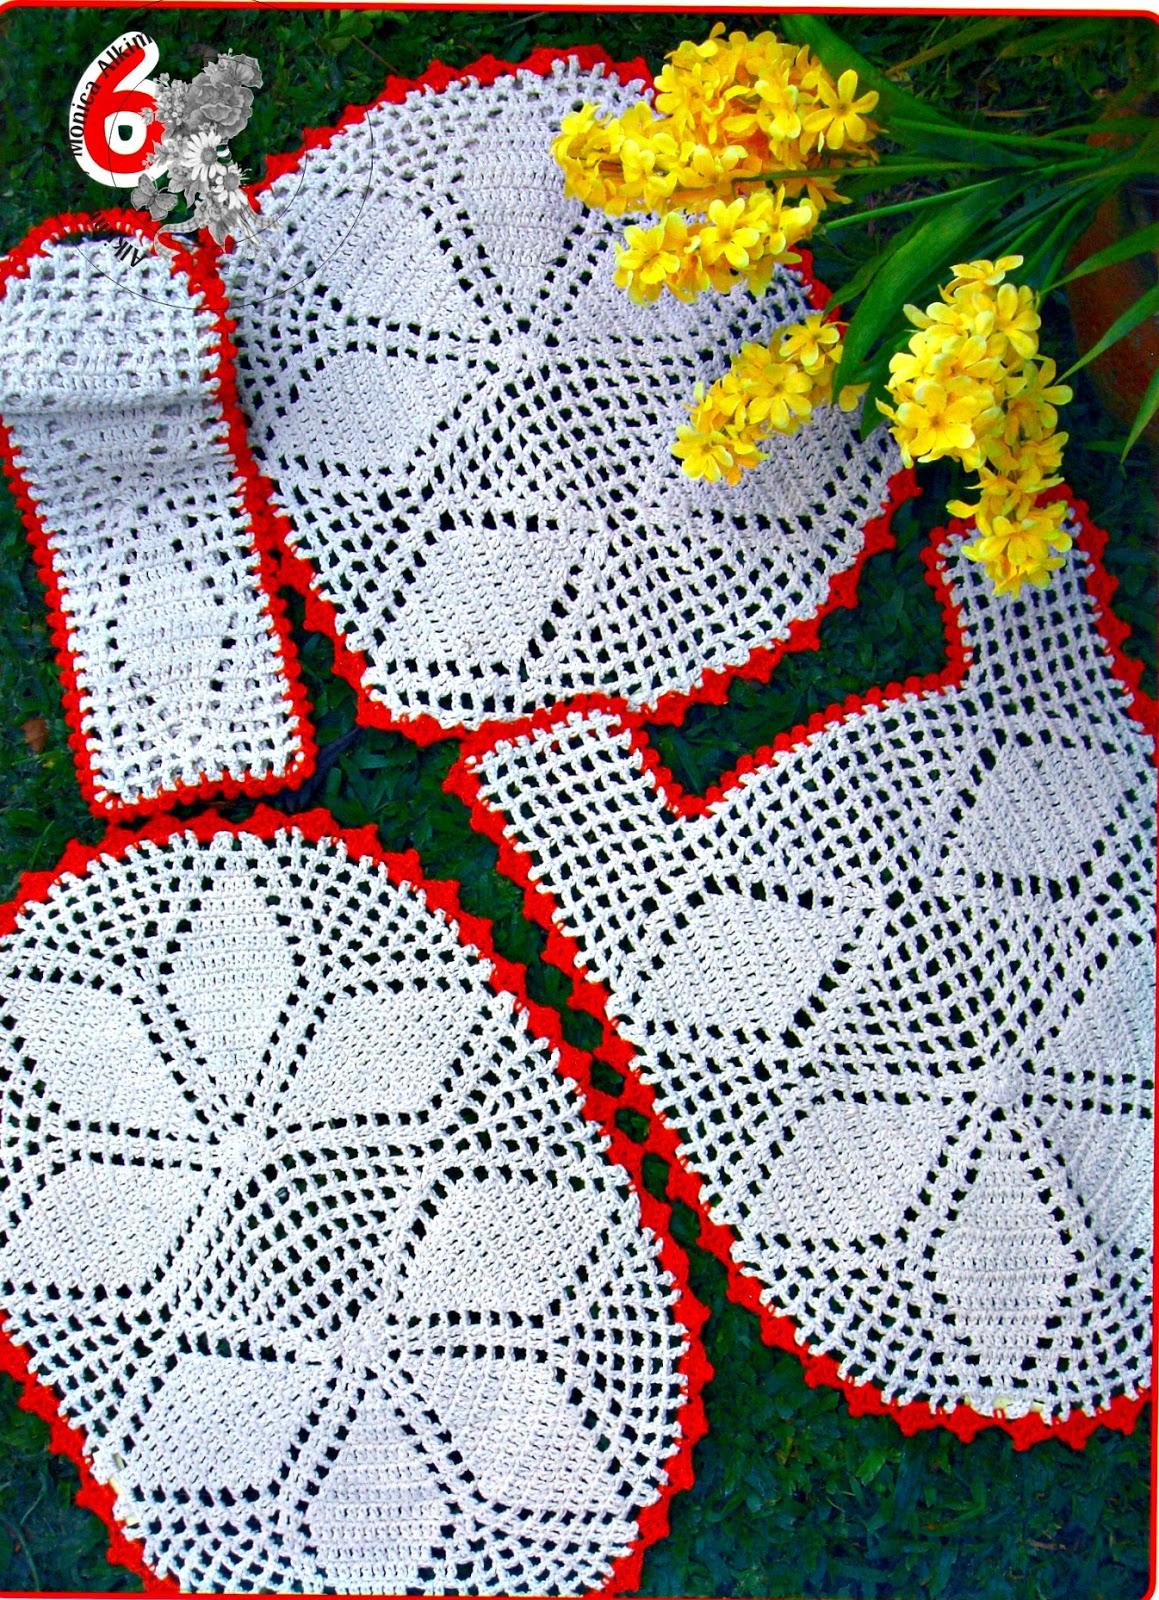 Alkimia: JOGO DE BANHEIRO DE CROCHu00ca COM GRu00c1FICO LCB-MRS WITH DIAGRAM Filet Crochet, Crochet Rugs, Crochet Patterns, Crochet Squares, Crochet Projects, Bathroom Sets, Pasta, Tapis Crochet, Bathroom Mat.